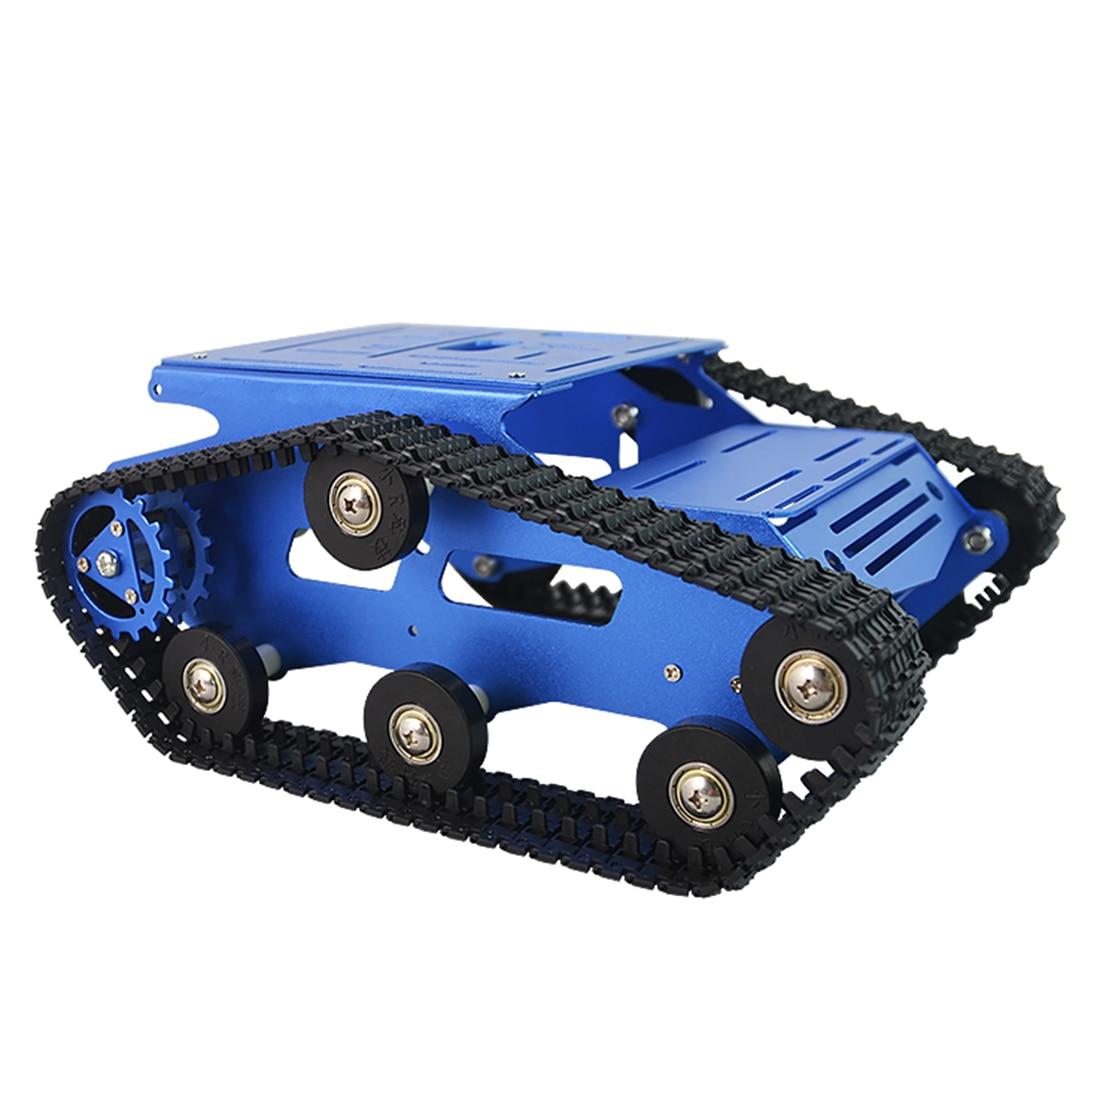 DIY Smart Robot Tank Crawler Chassis Car Frame Kit For Children Developmental Early Education Toys - Blue Black Red Golden Green